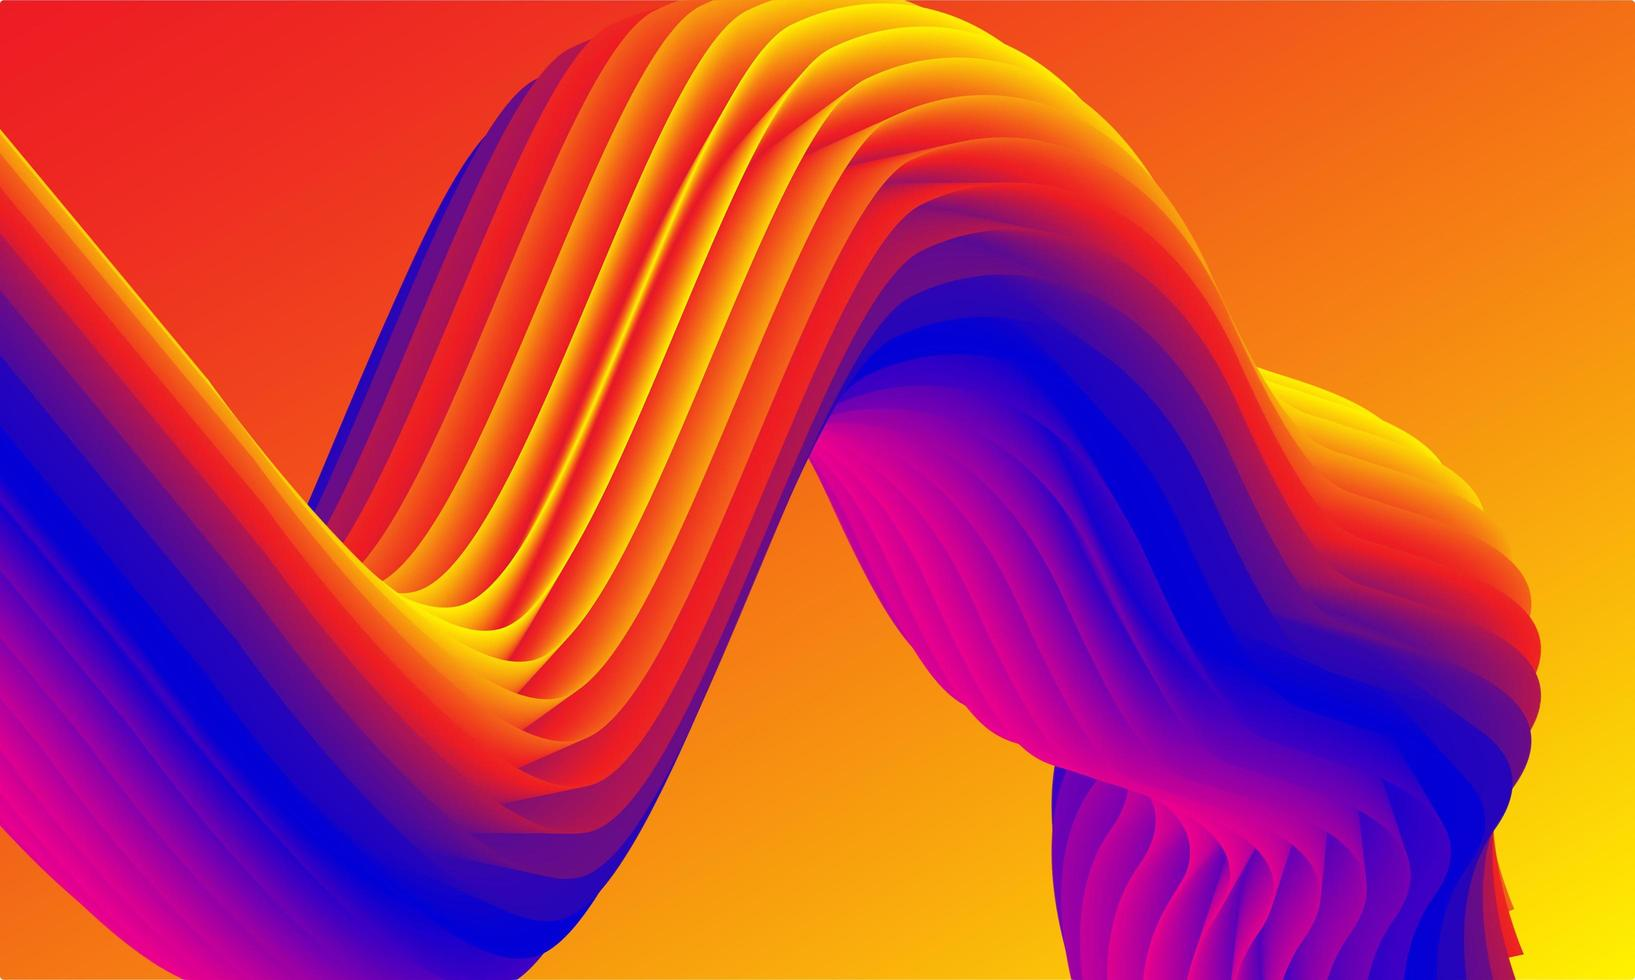 episches buntes Tunnel-3D-Design vektor